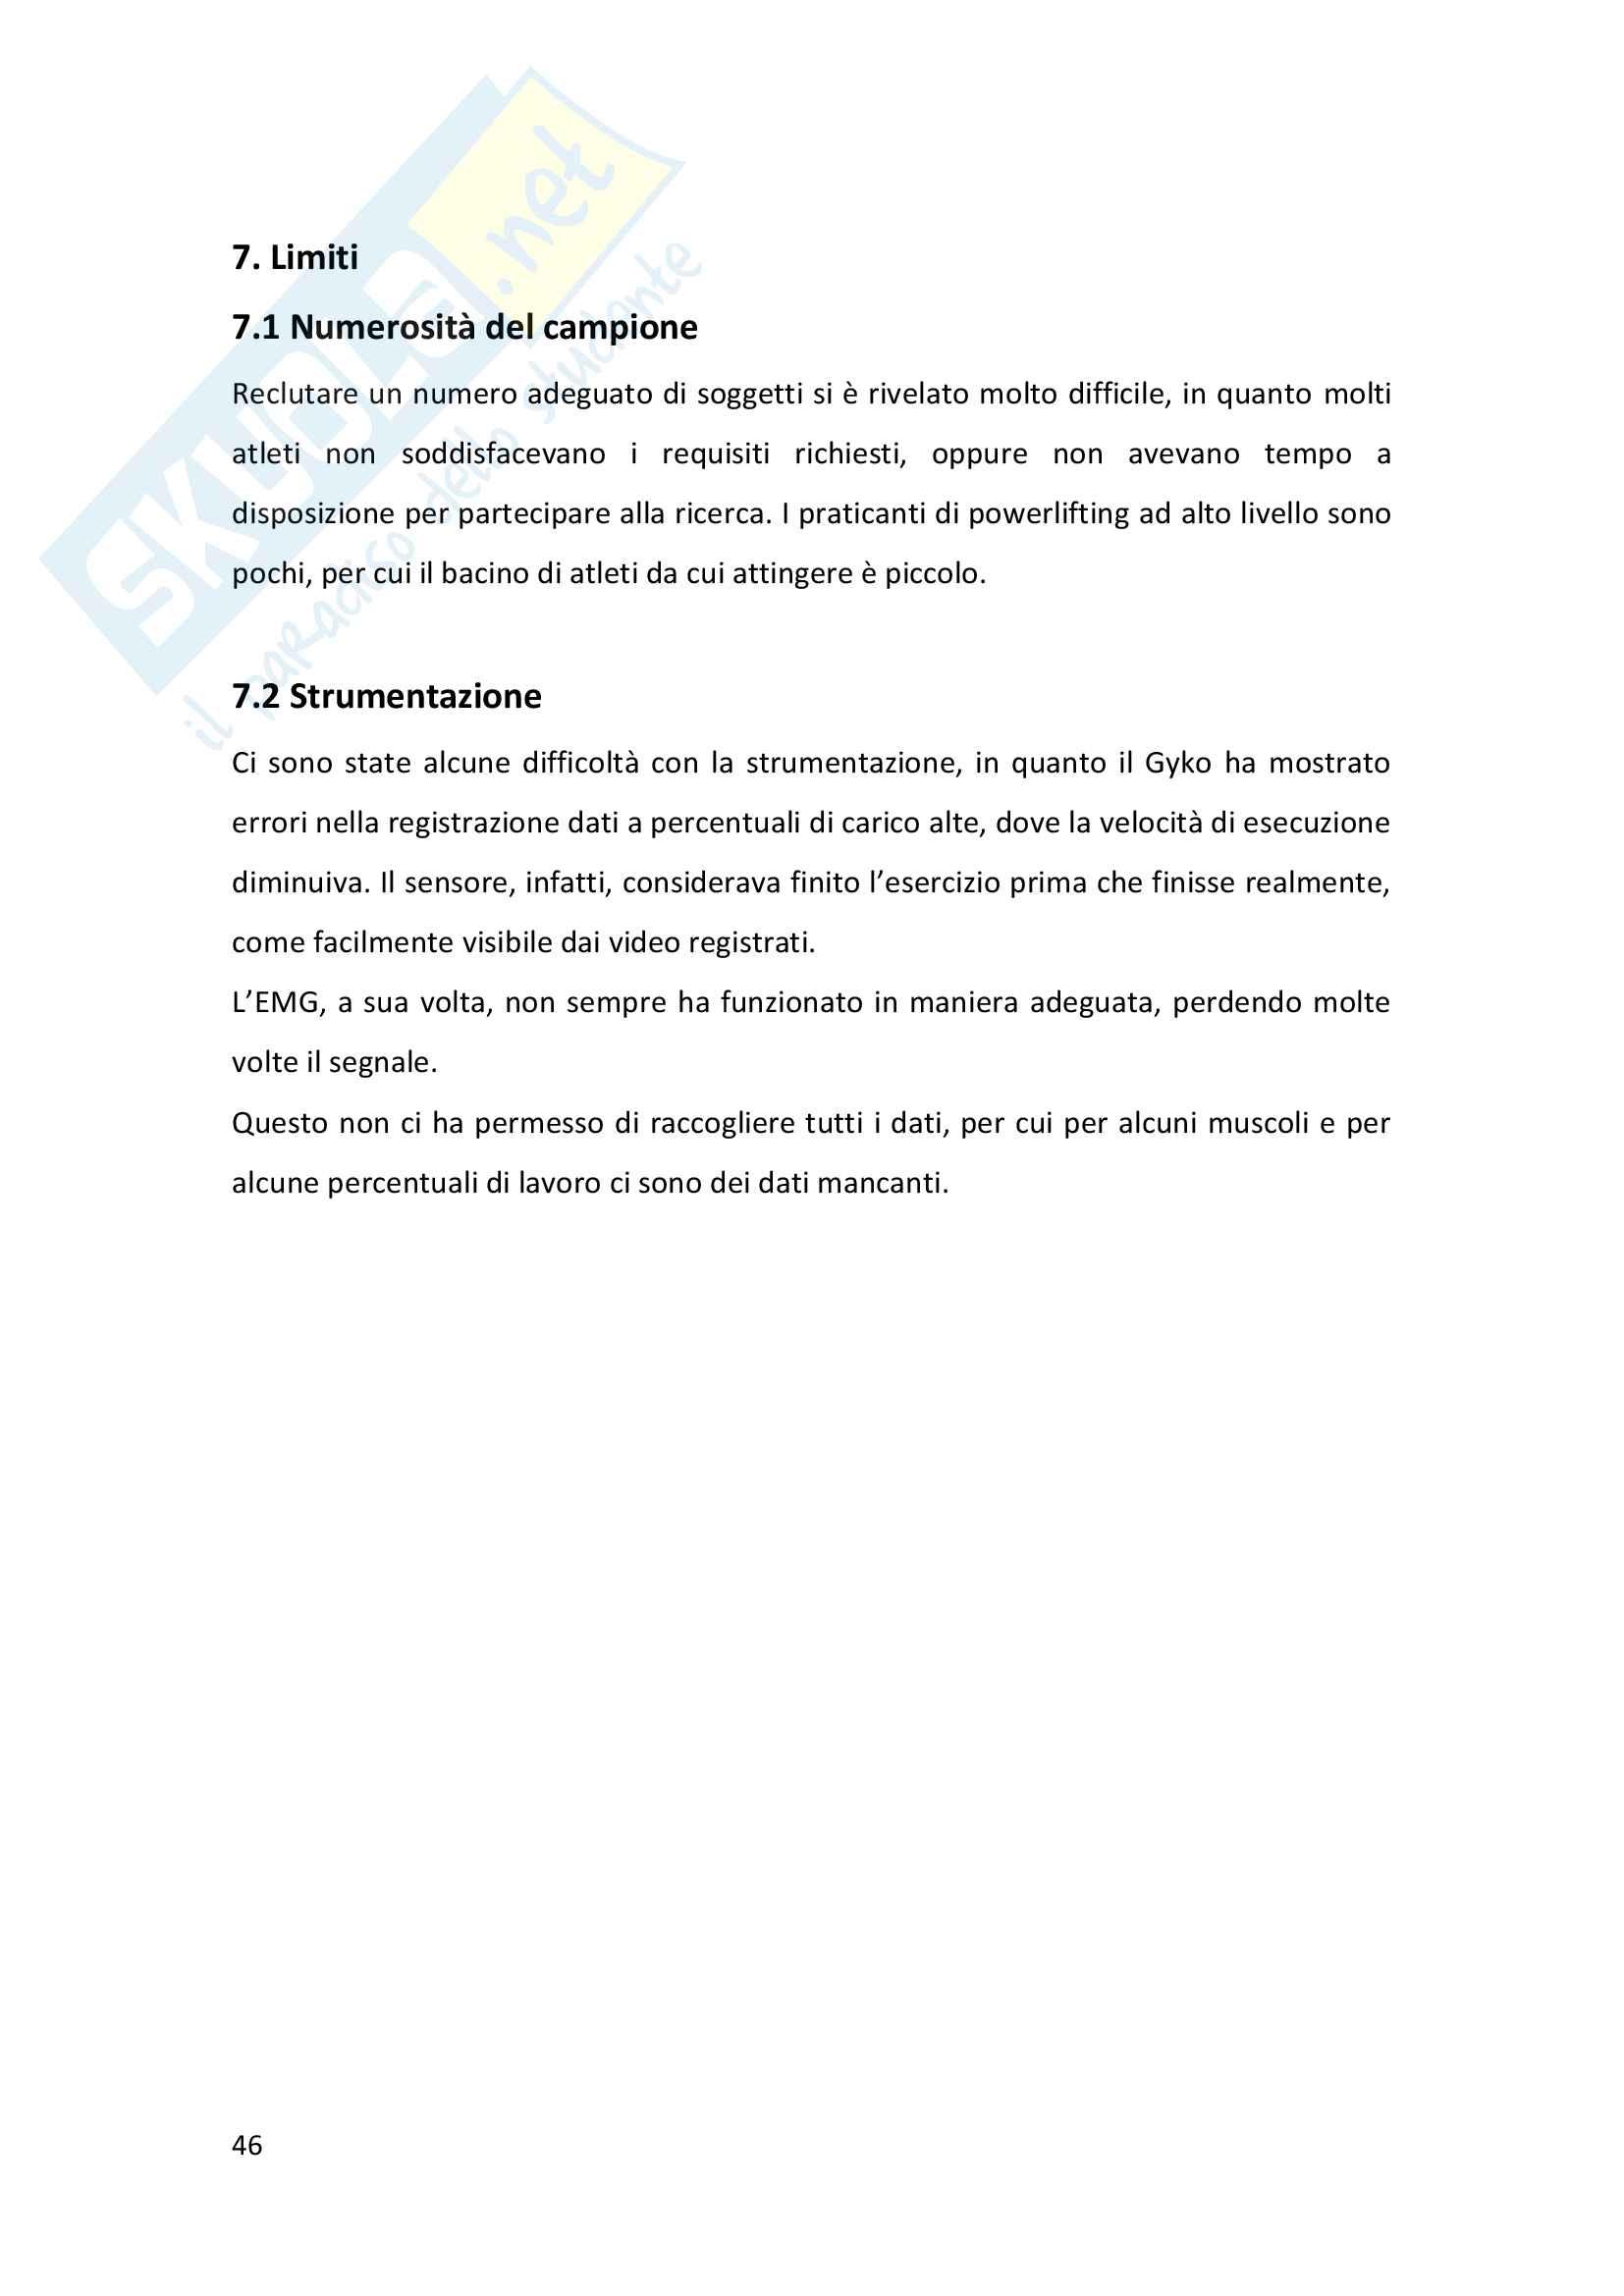 Analisi biomeccanica della panca piana in atleti di alto livello Pag. 46